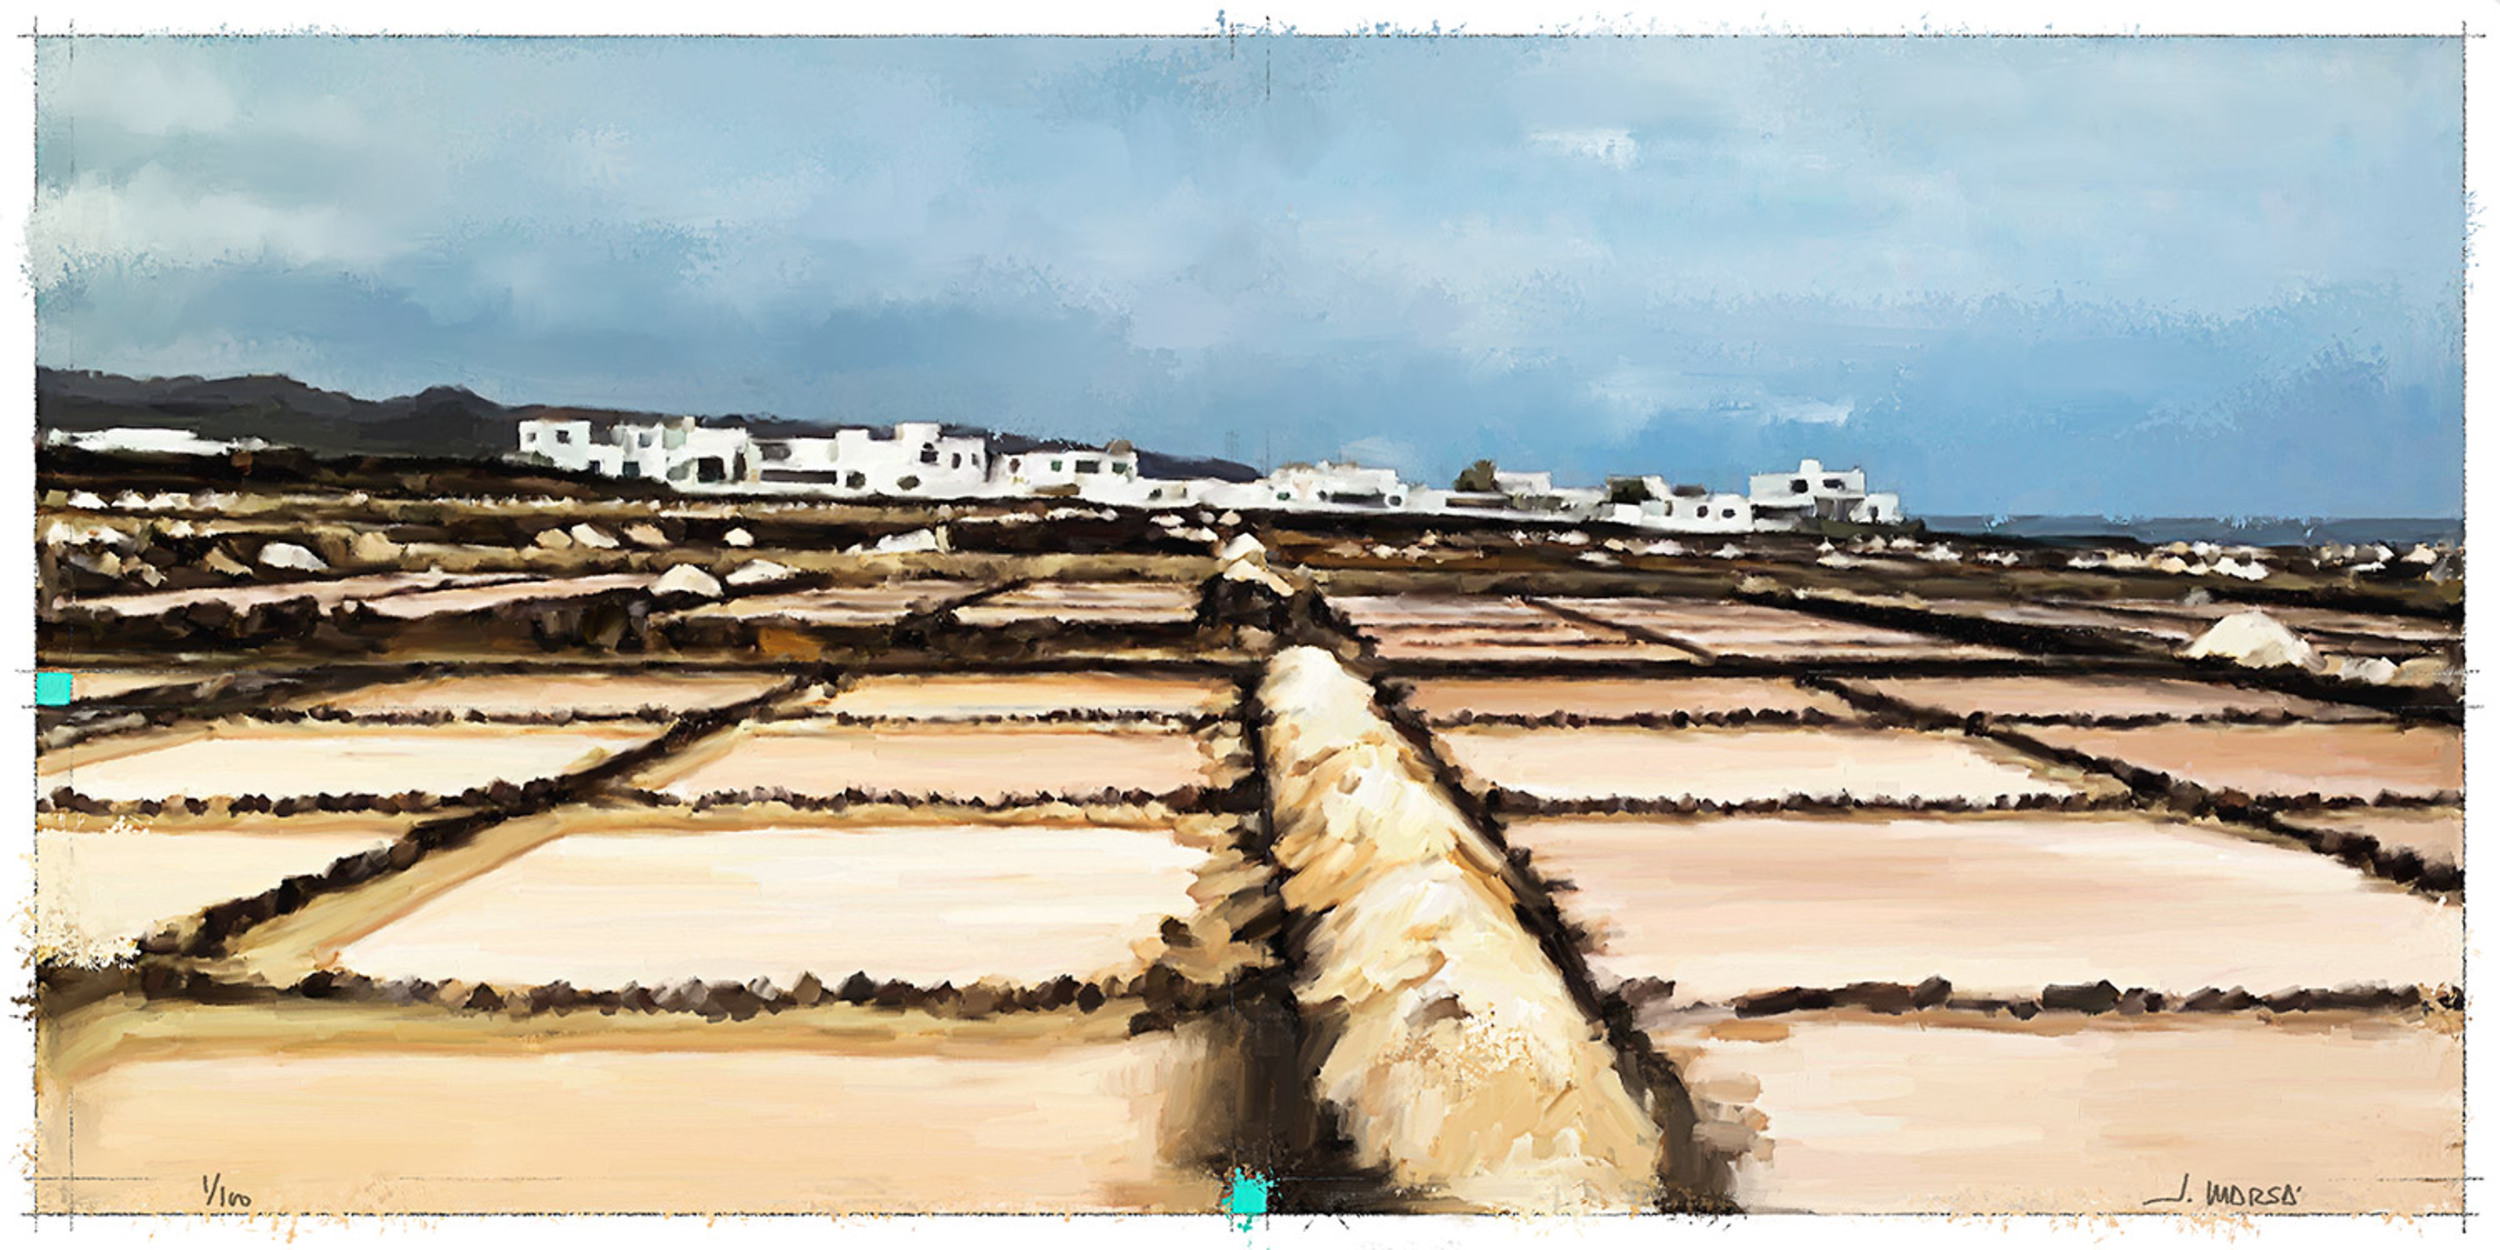 Salinas de Guatiza